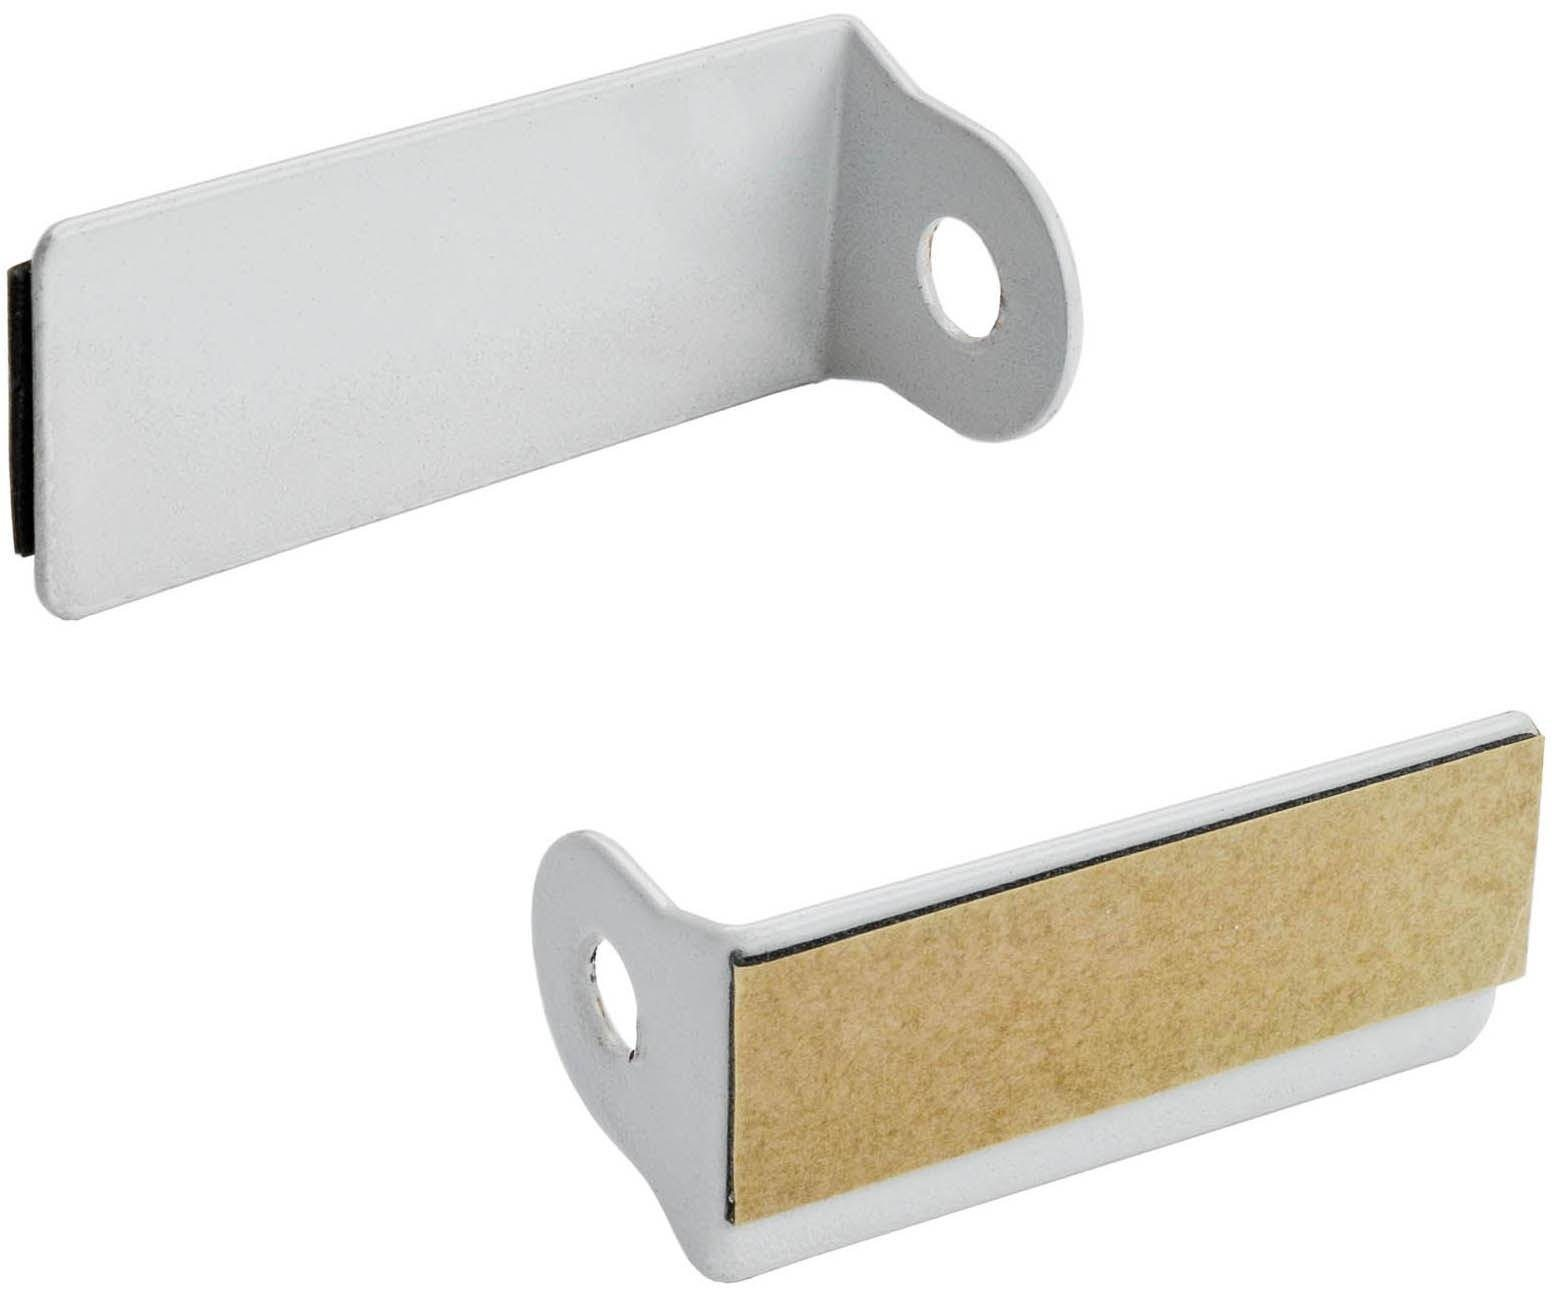 Klebeträger, Liedeco, Scheibenstange für Alu-Fenster (2 Stück) | Heimtextilien > Gardinen und Vorhänge > Gardinenstangen | Liedeco